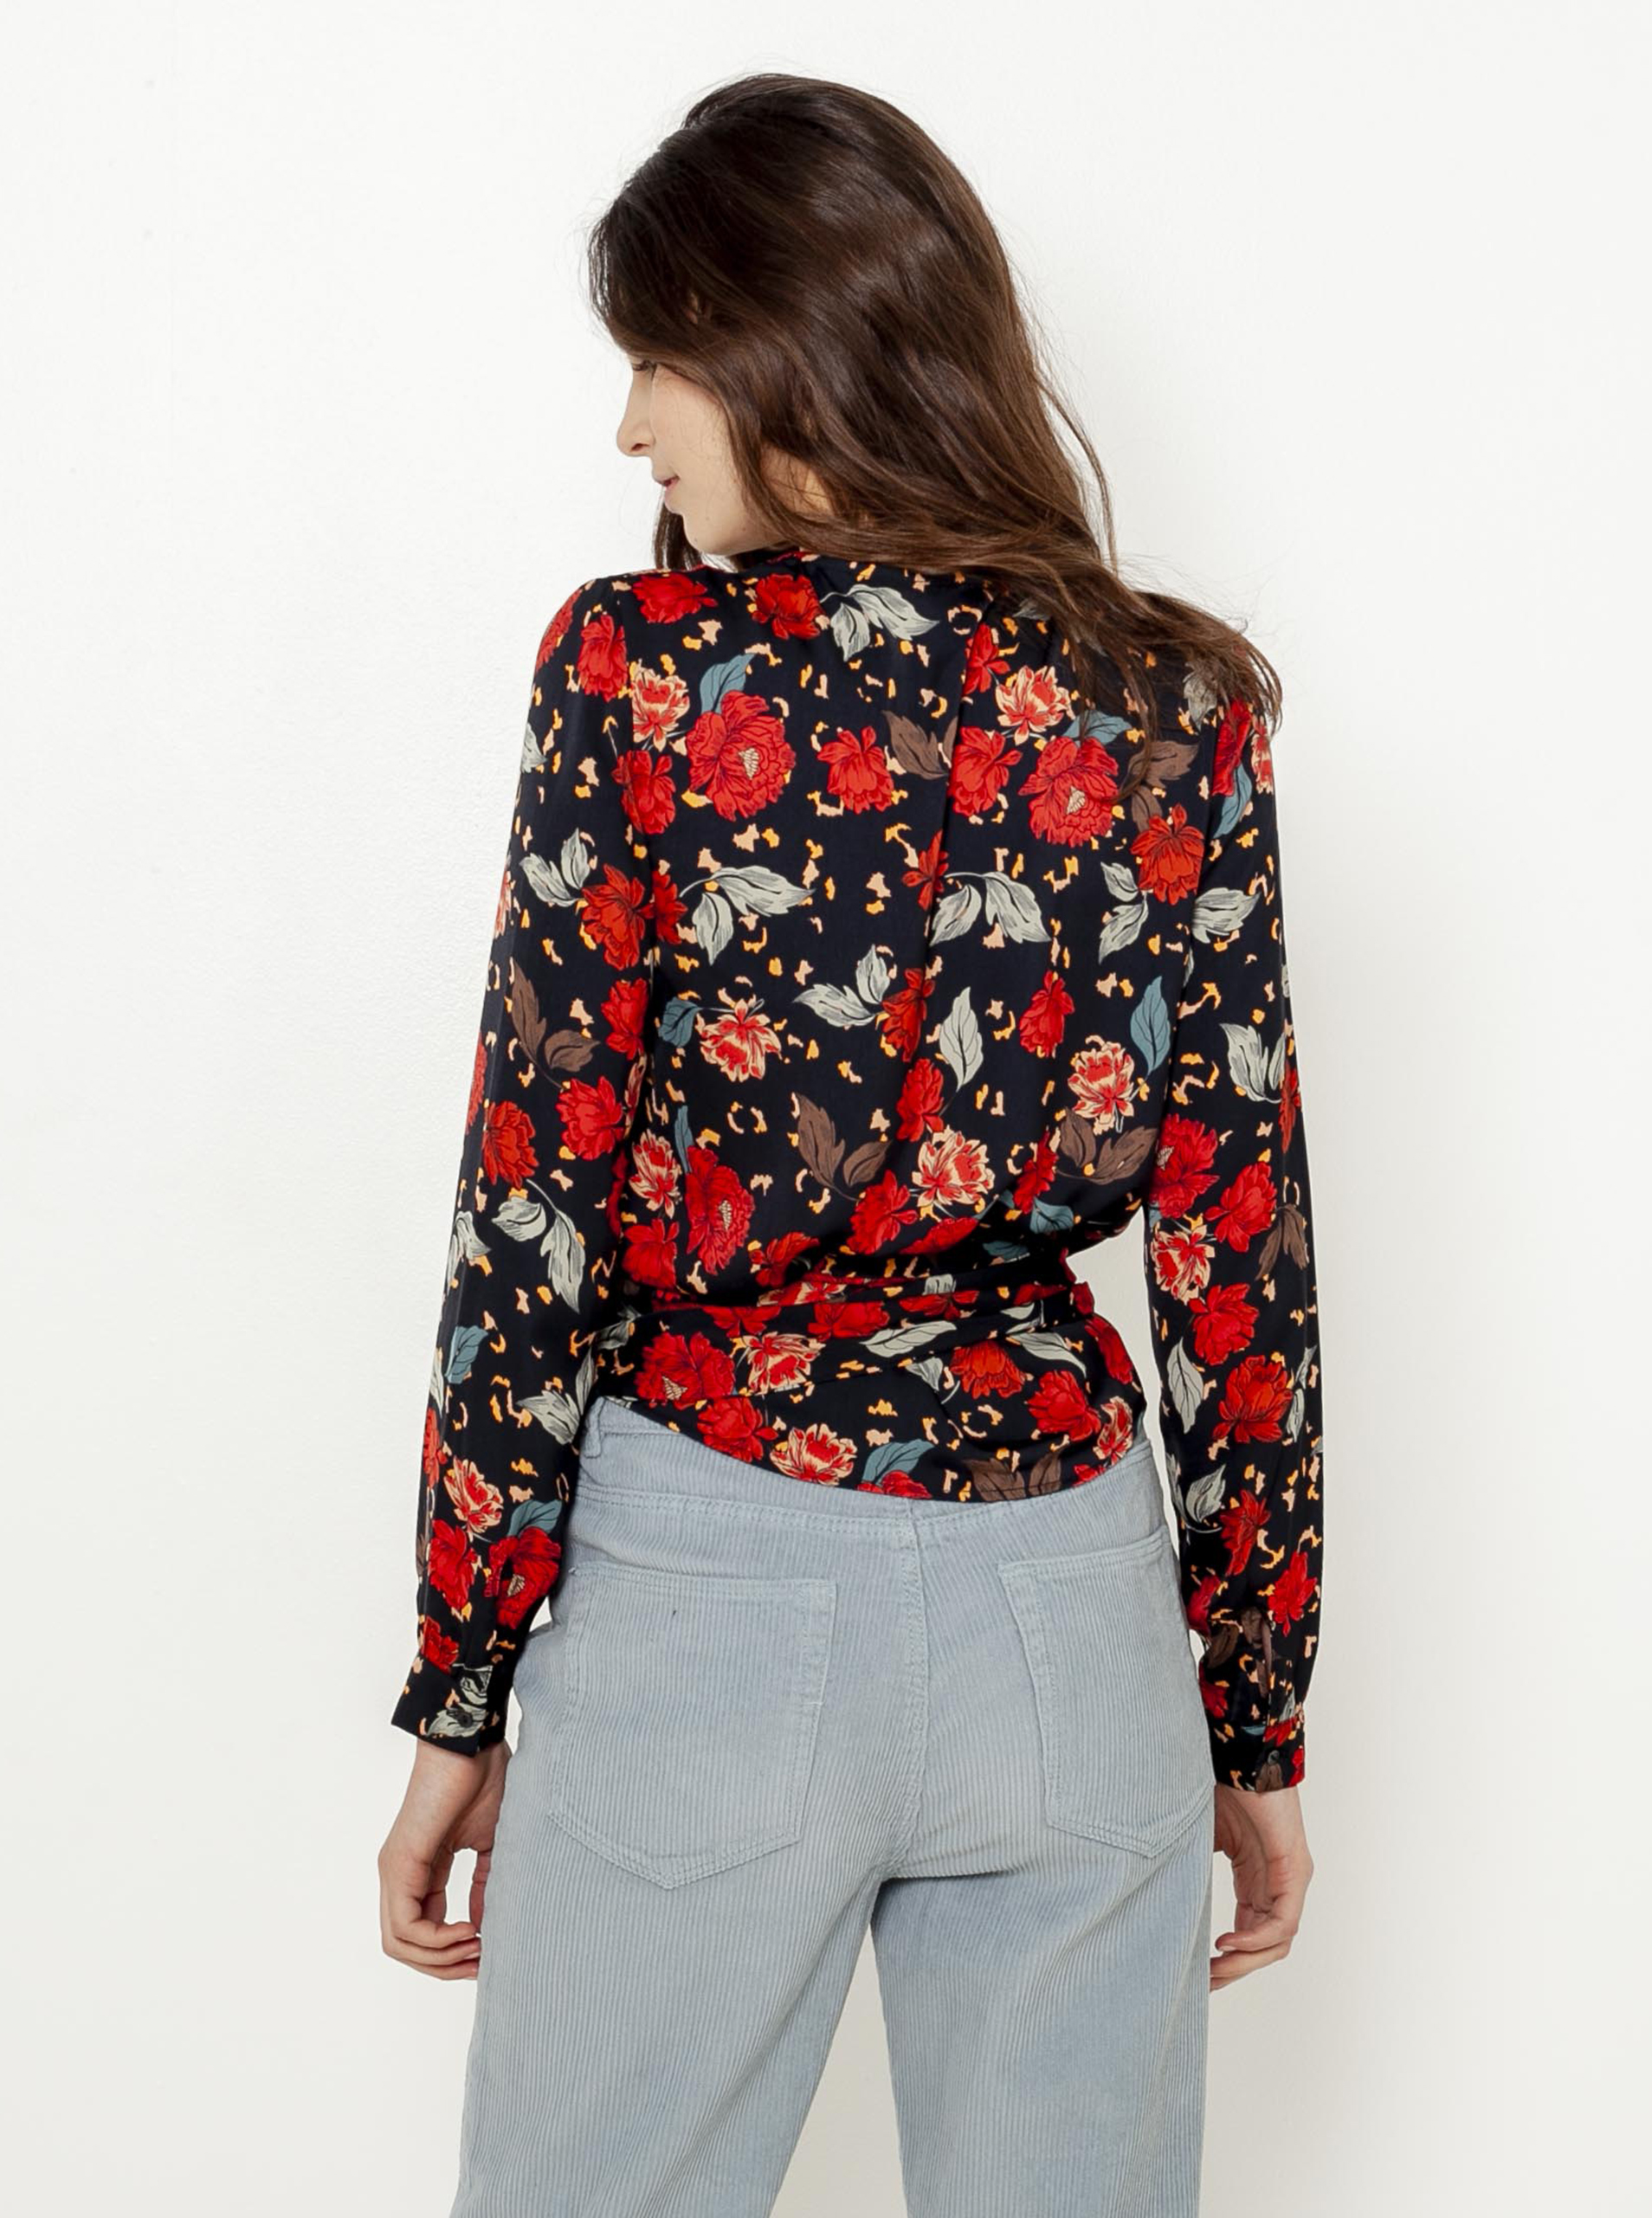 CAMAIEU black blouse with floral motif